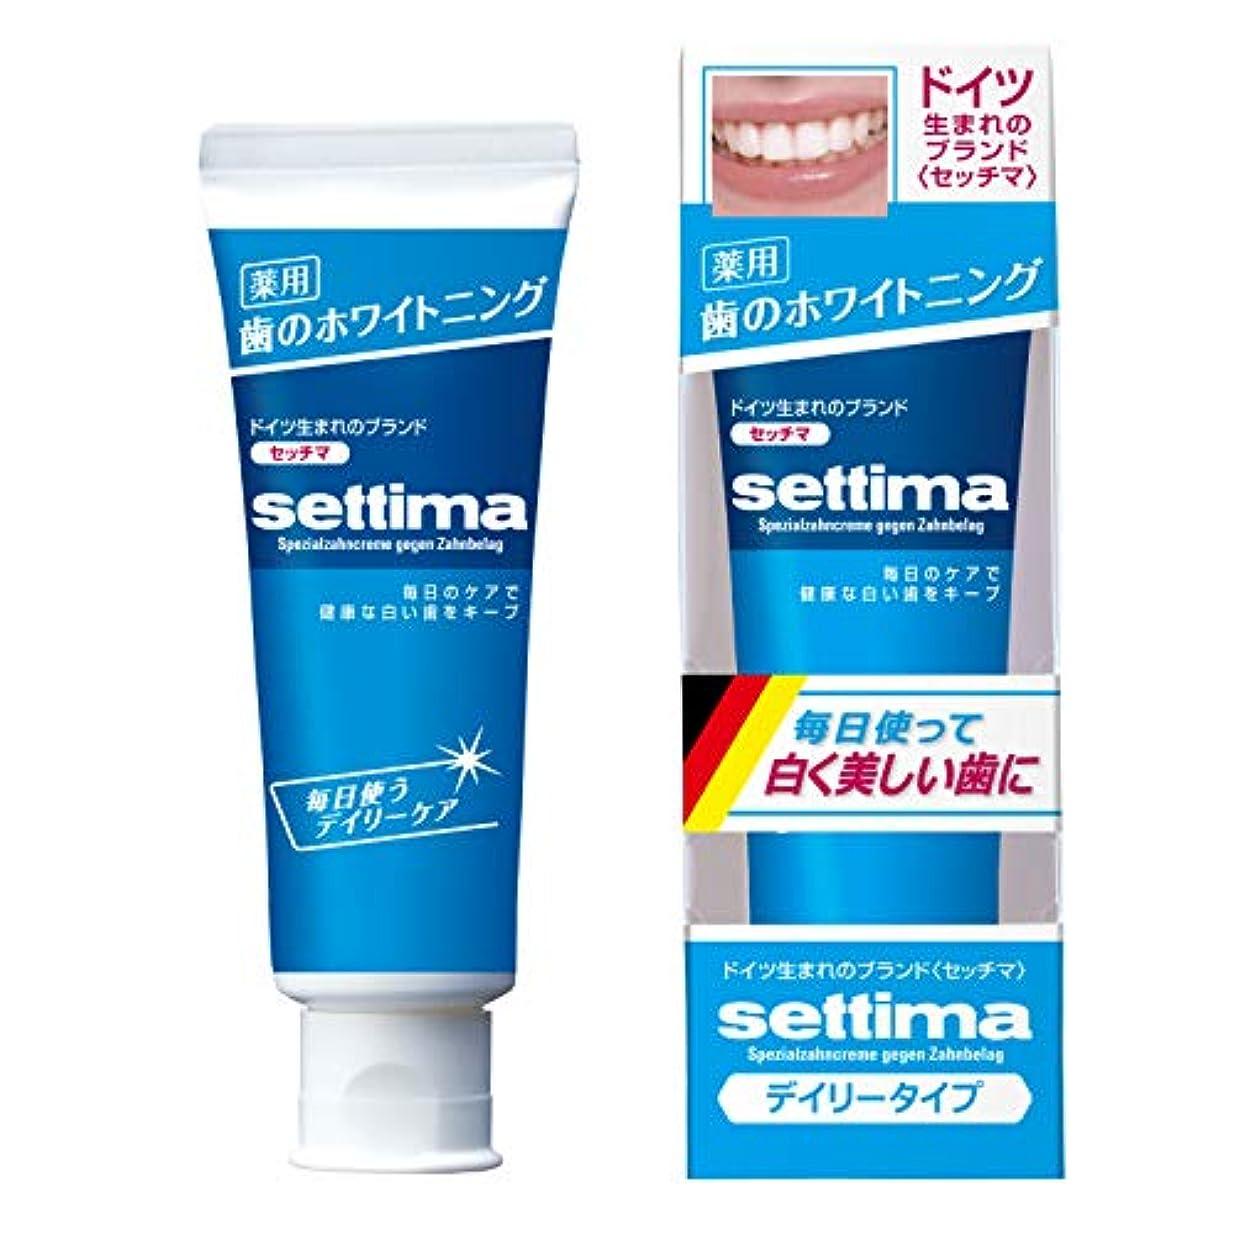 迫害音摂氏[医薬部外品] settima(セッチマ) ホワイトニング 歯みがき デイリーケア [ファインミントタイプ] <ステインケア タバコのヤニ取り フッ素配合 虫歯予防> 80g